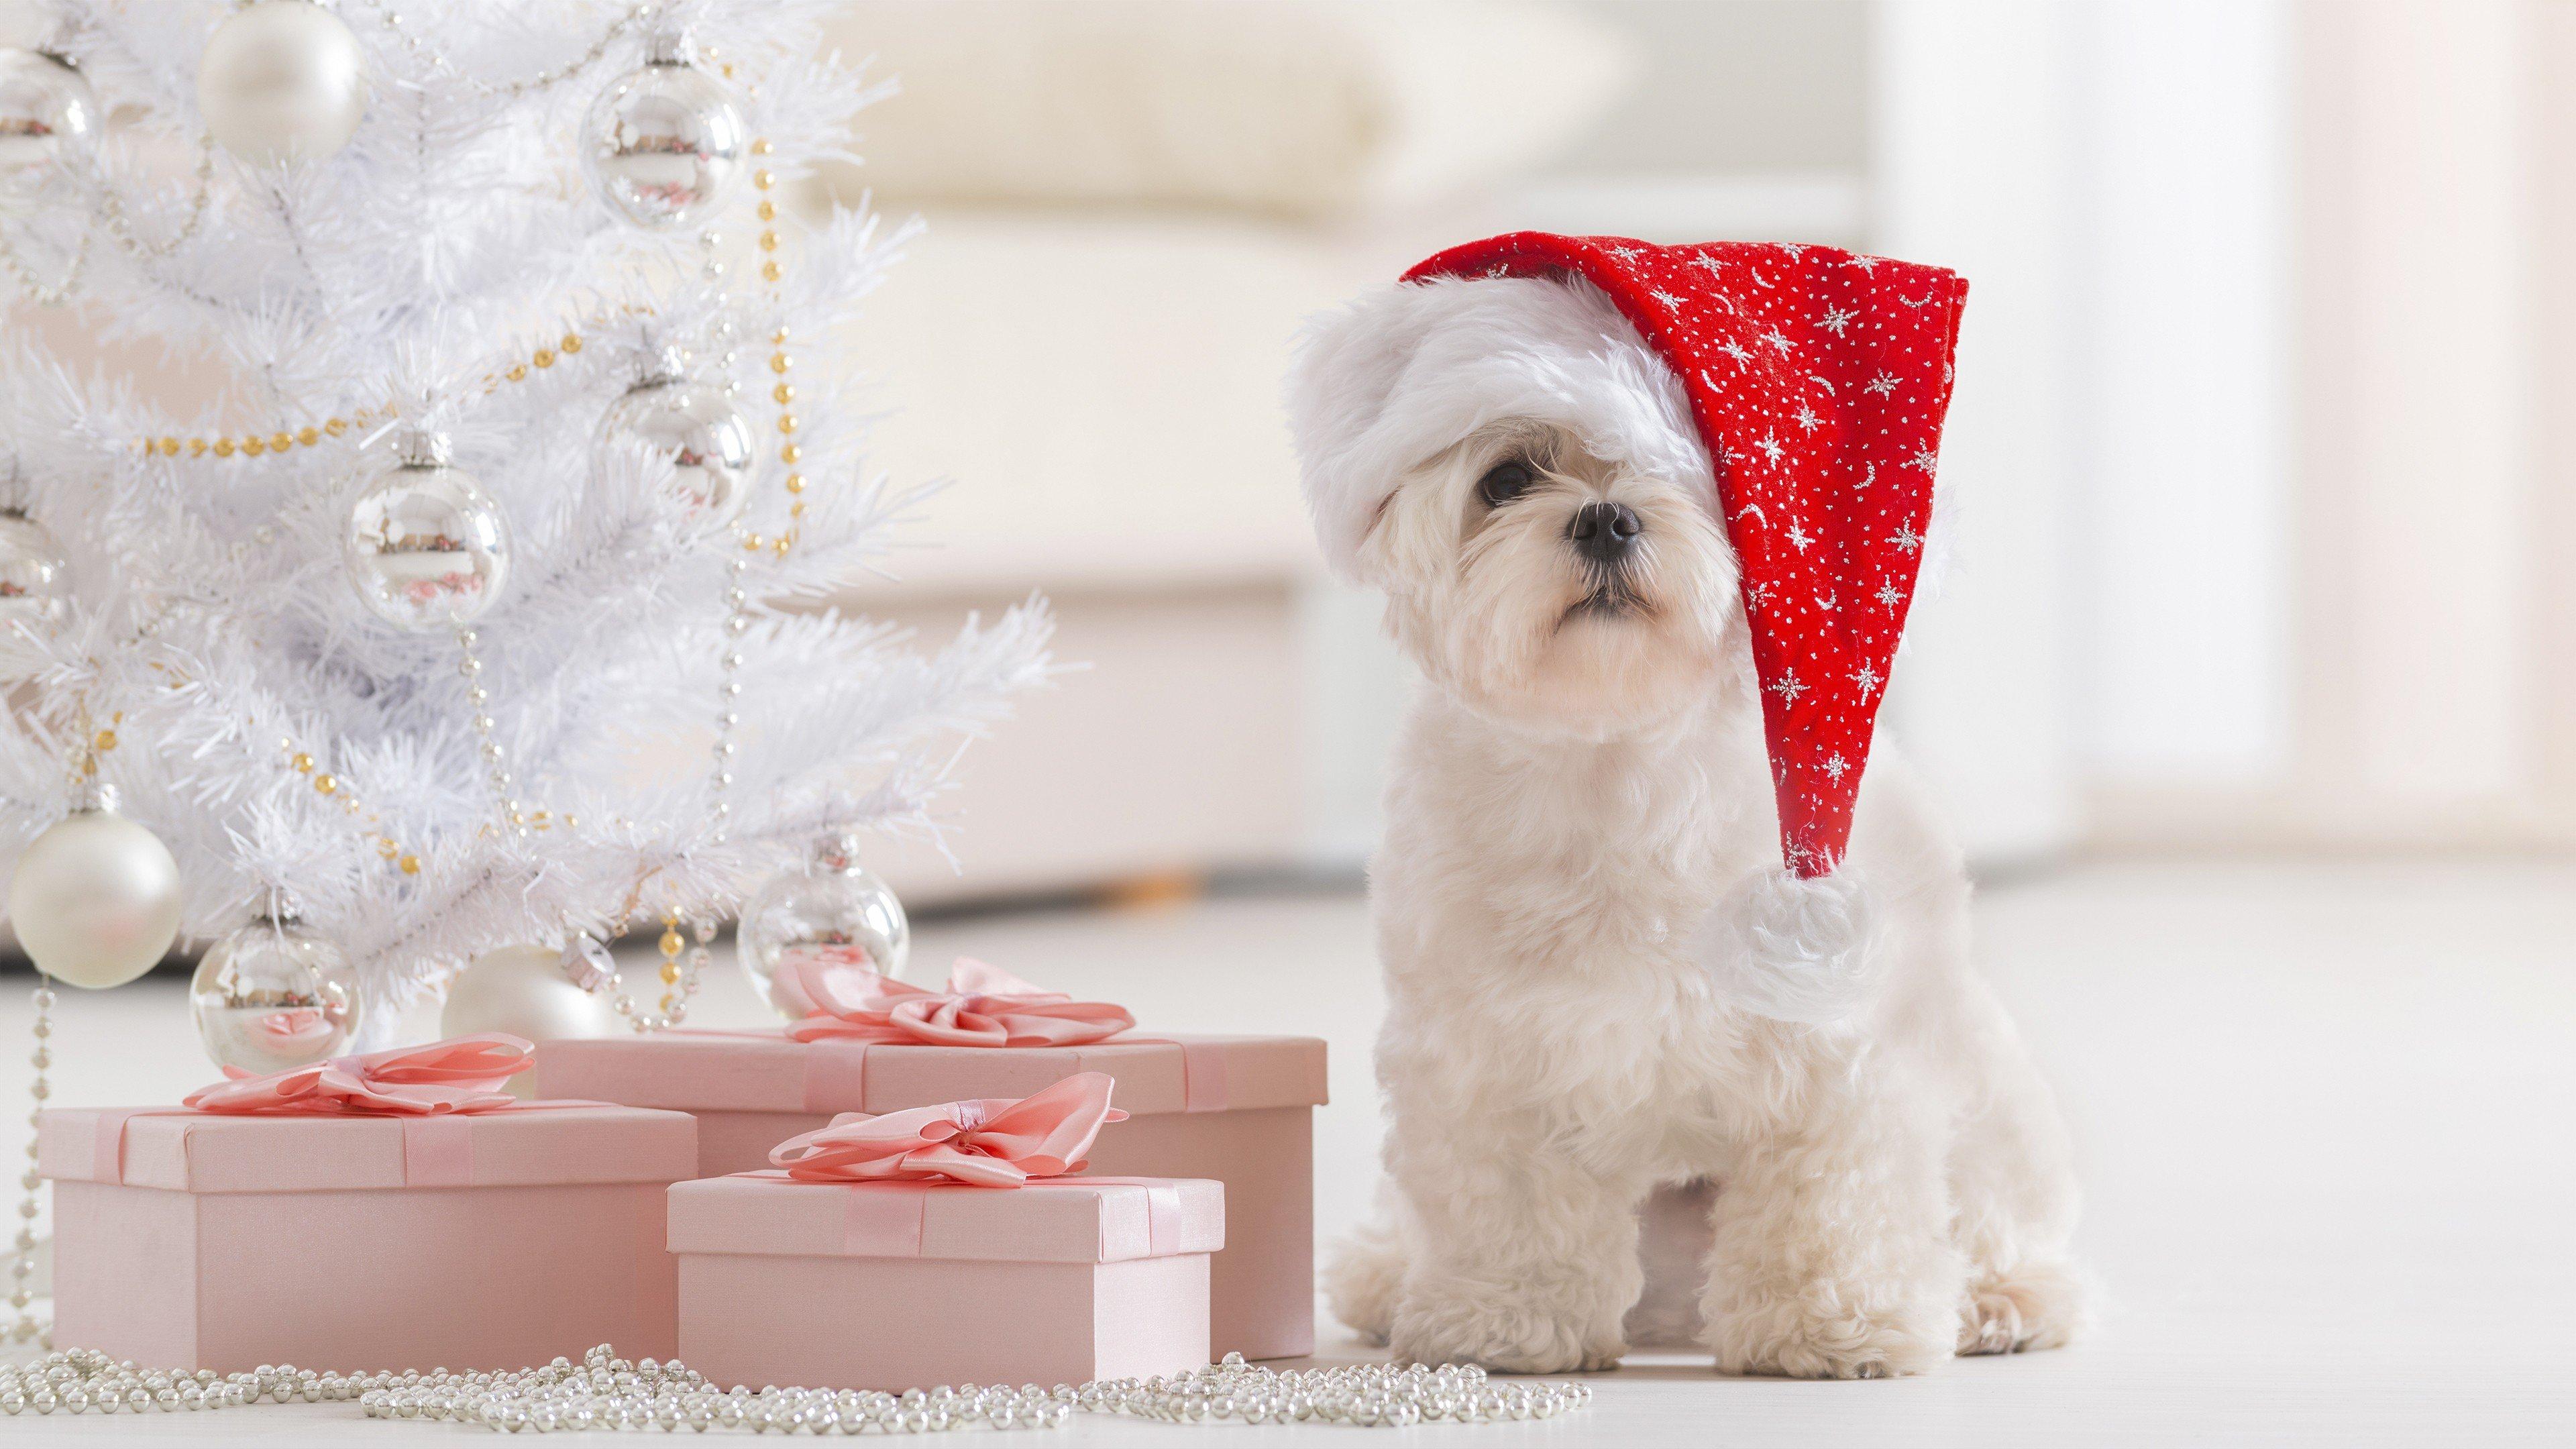 Fondos de pantalla Cachorro festejando Navidad